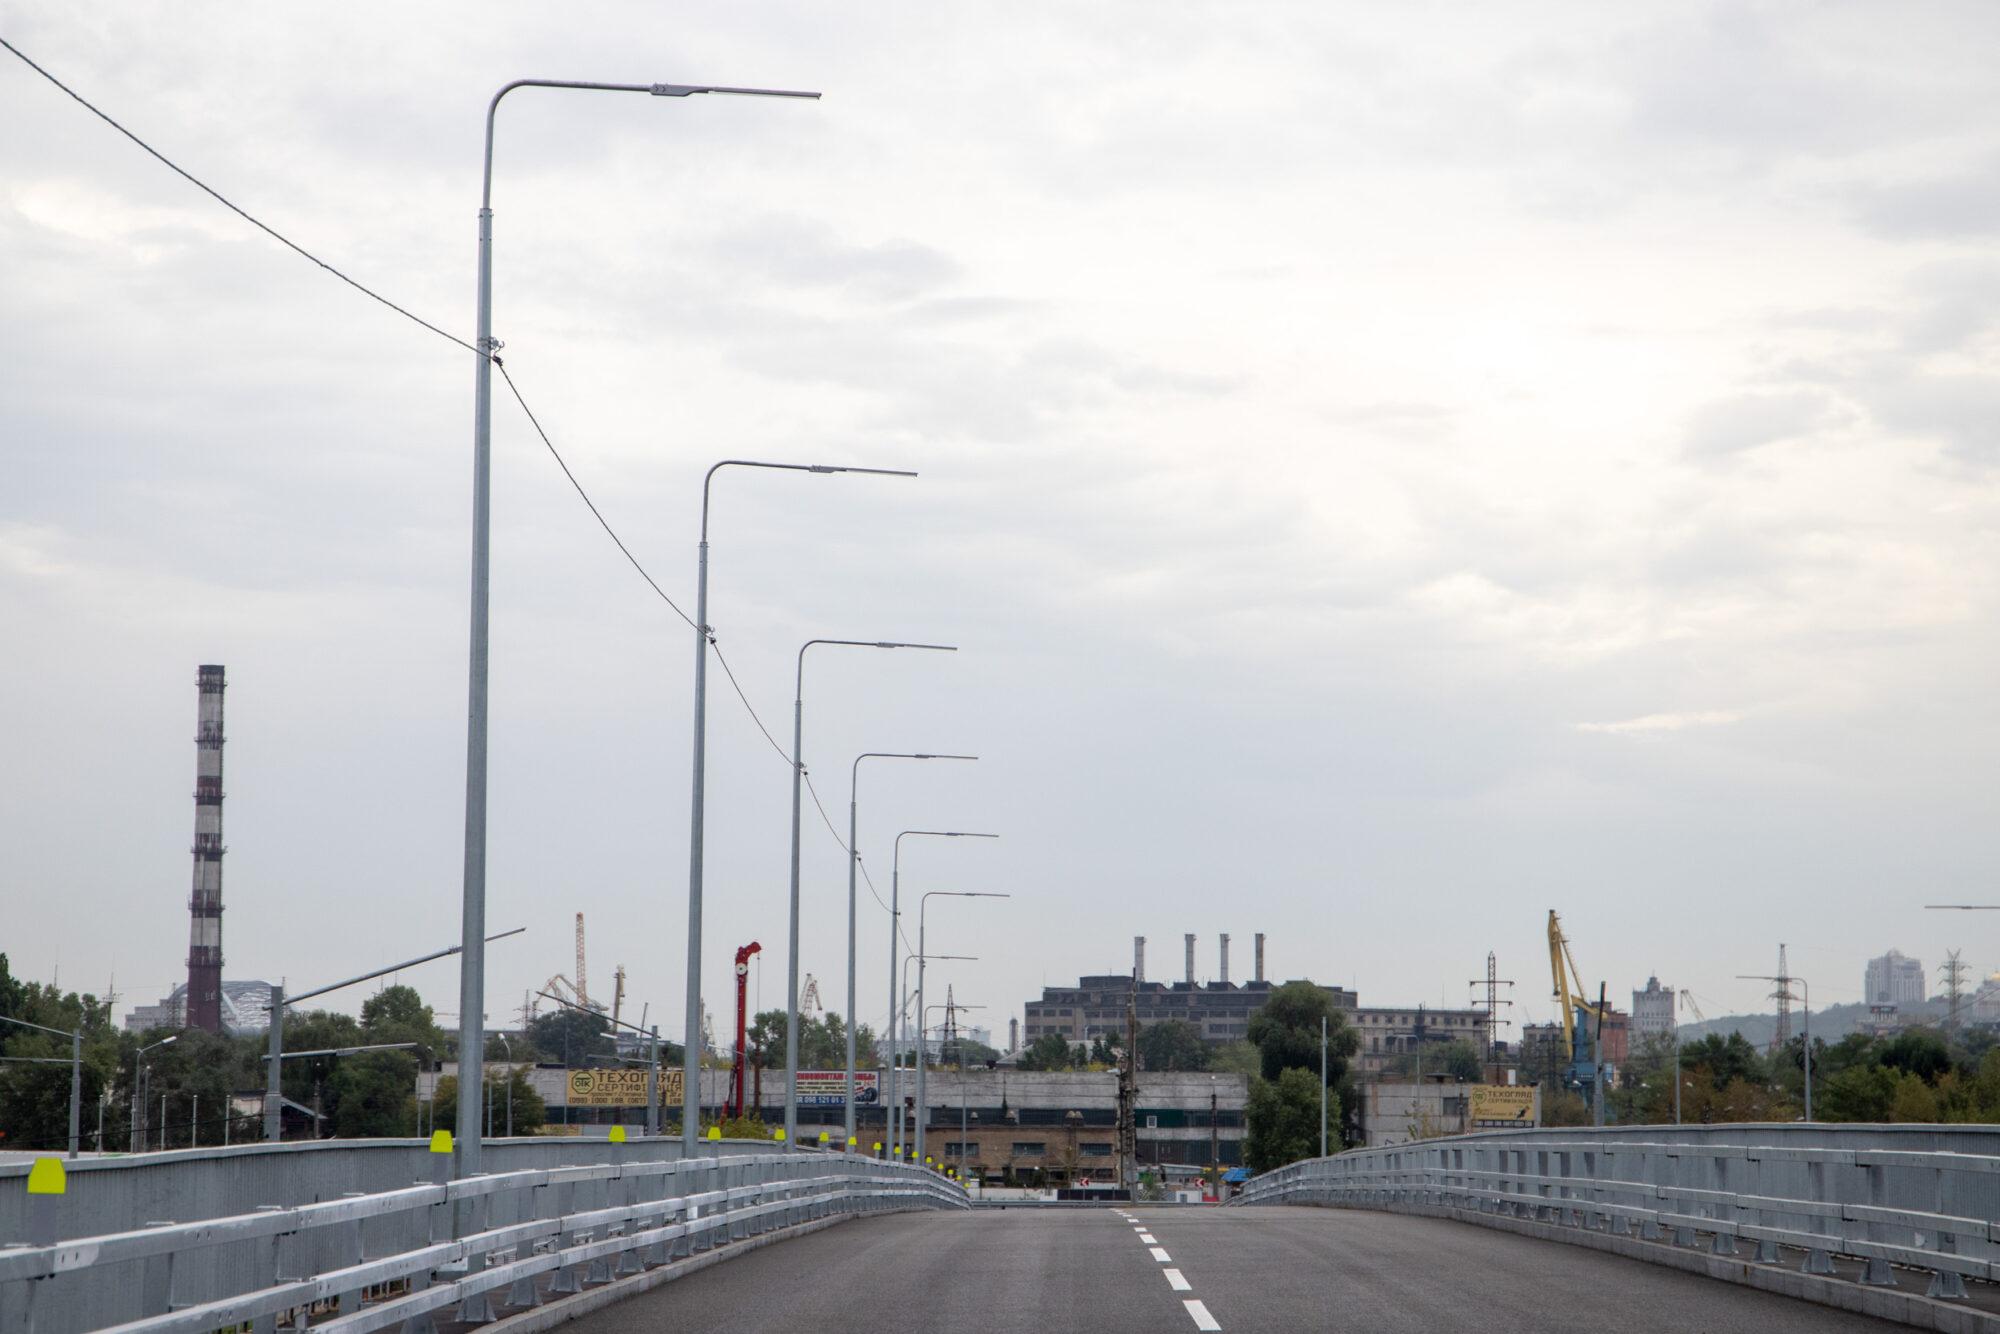 У Києві відкрили проїзд двома шляхопроводами - шляхопровід, Київ - SHlyaho1 2000x1334